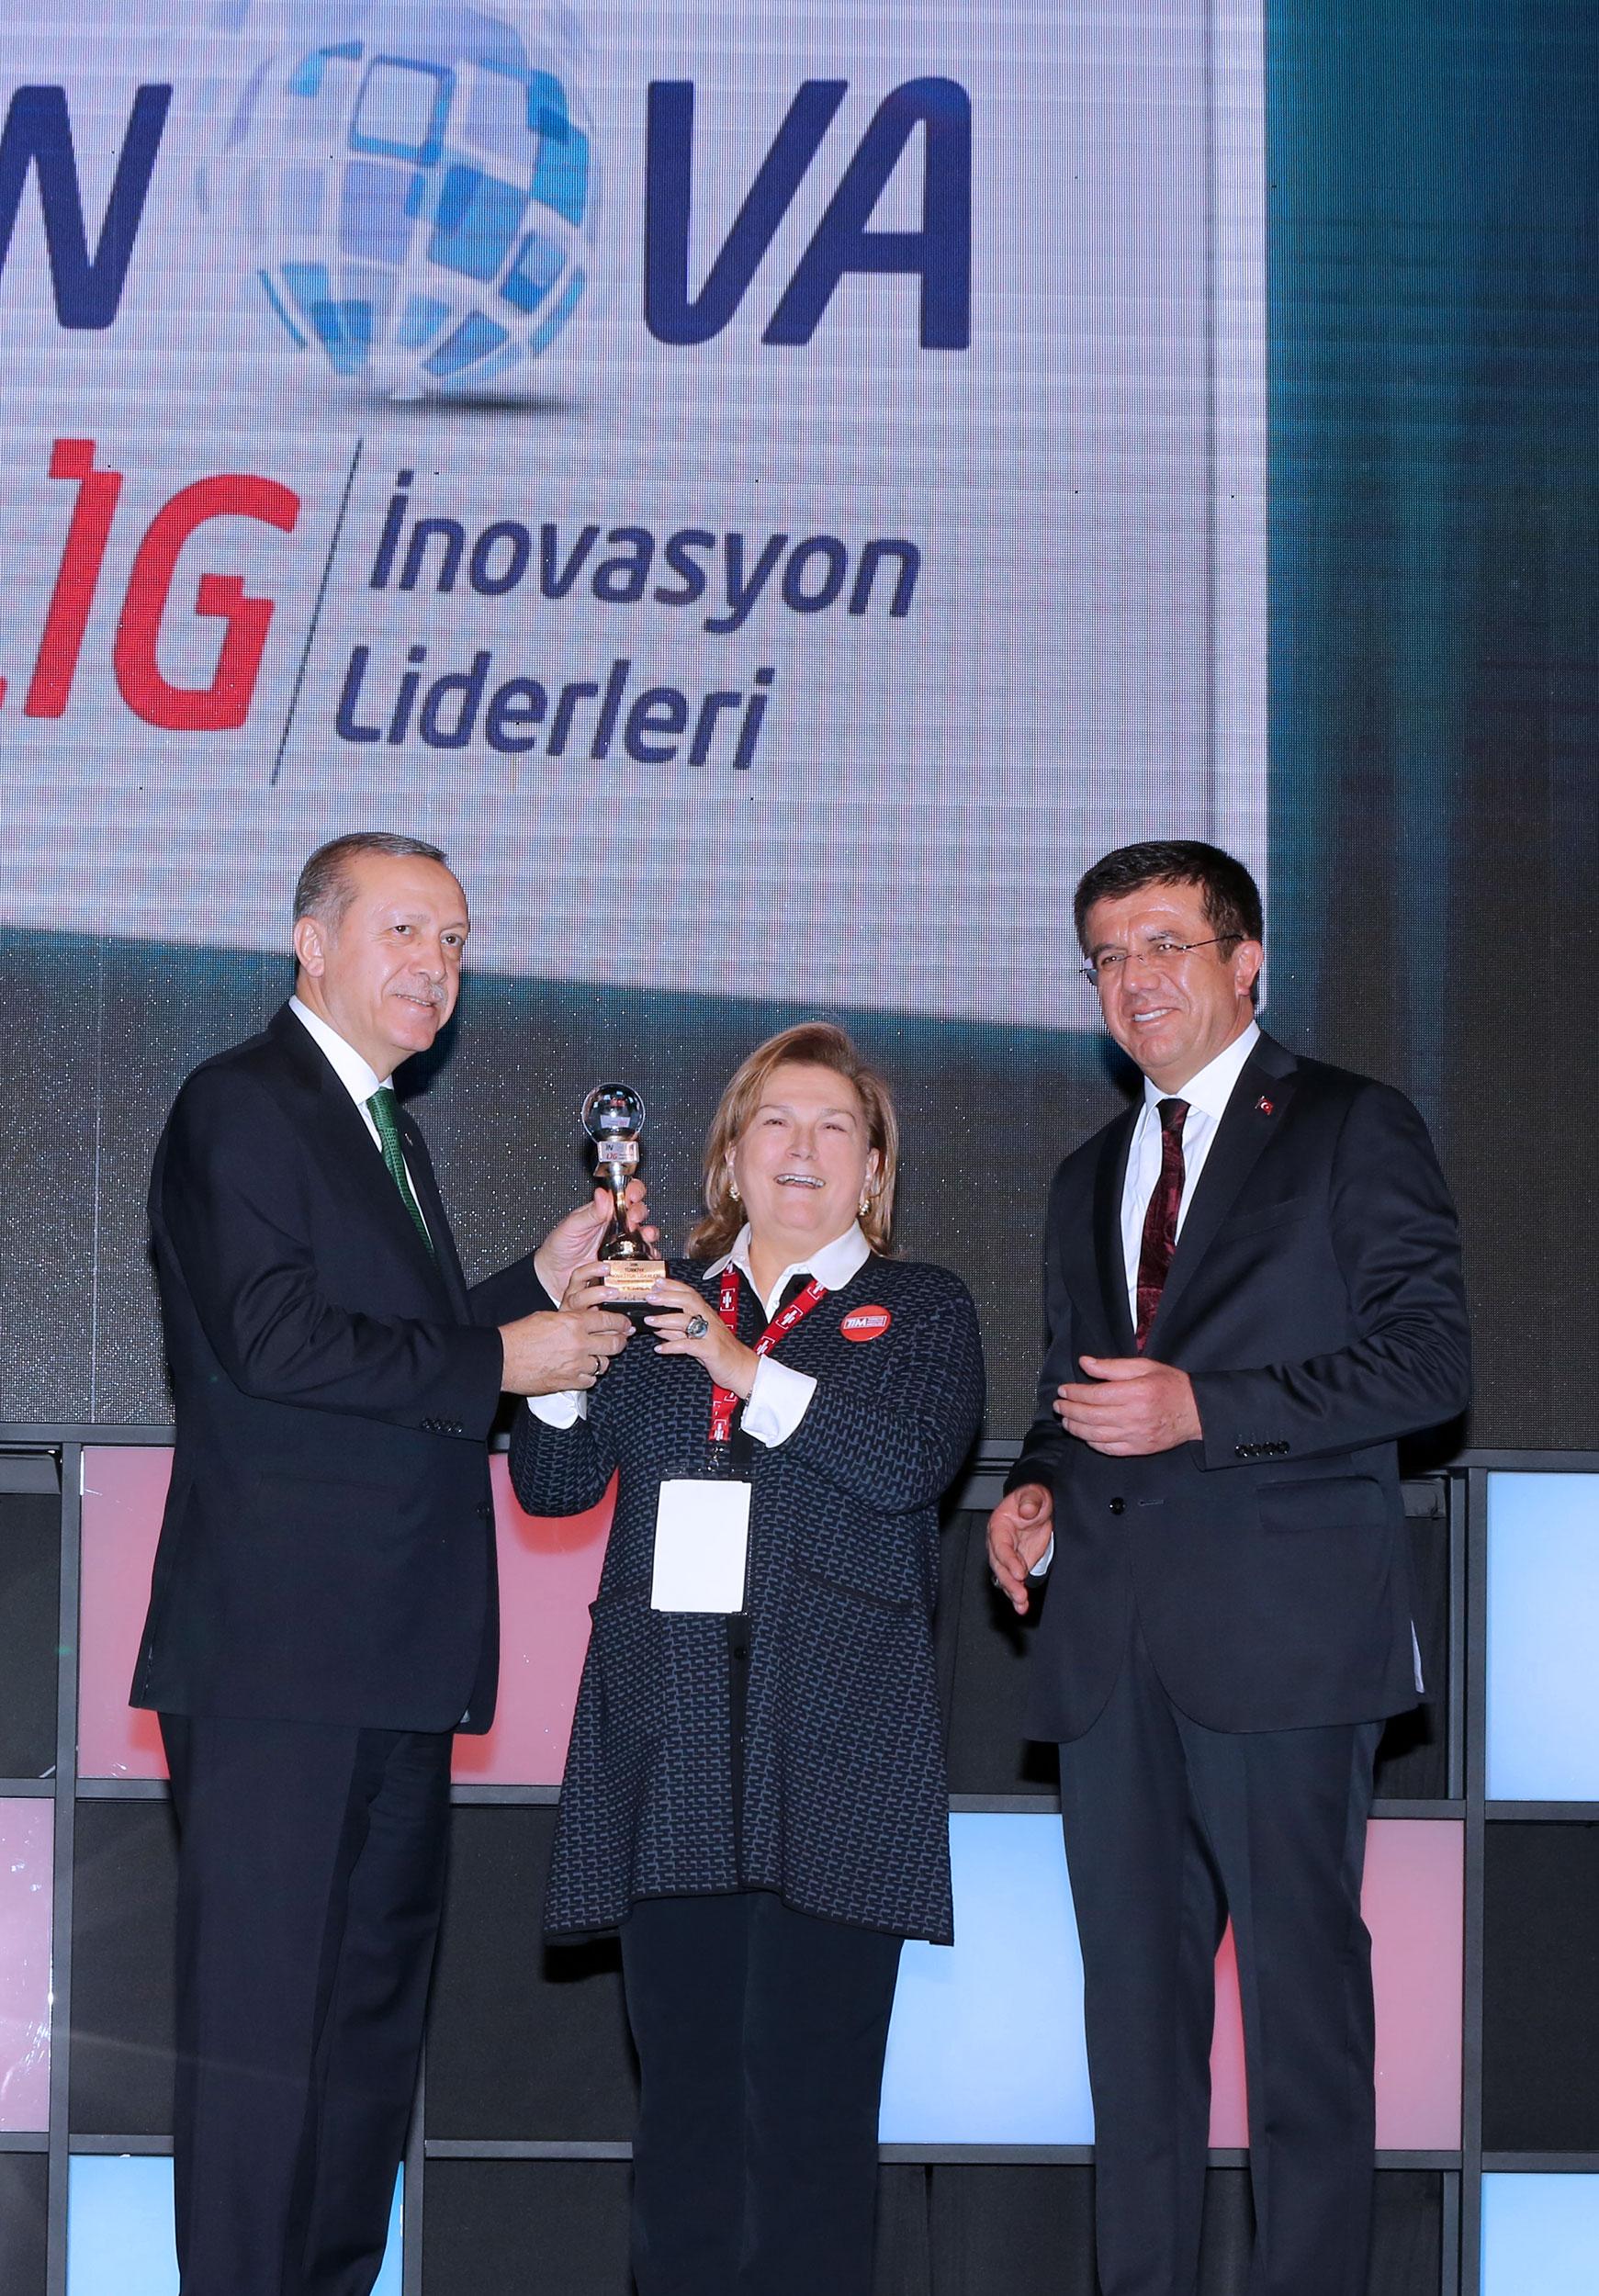 """İnovalig Ödülleri'nde Temsa, """"İnovasyon Kaynakları"""" kategorisinde birinci oldu"""